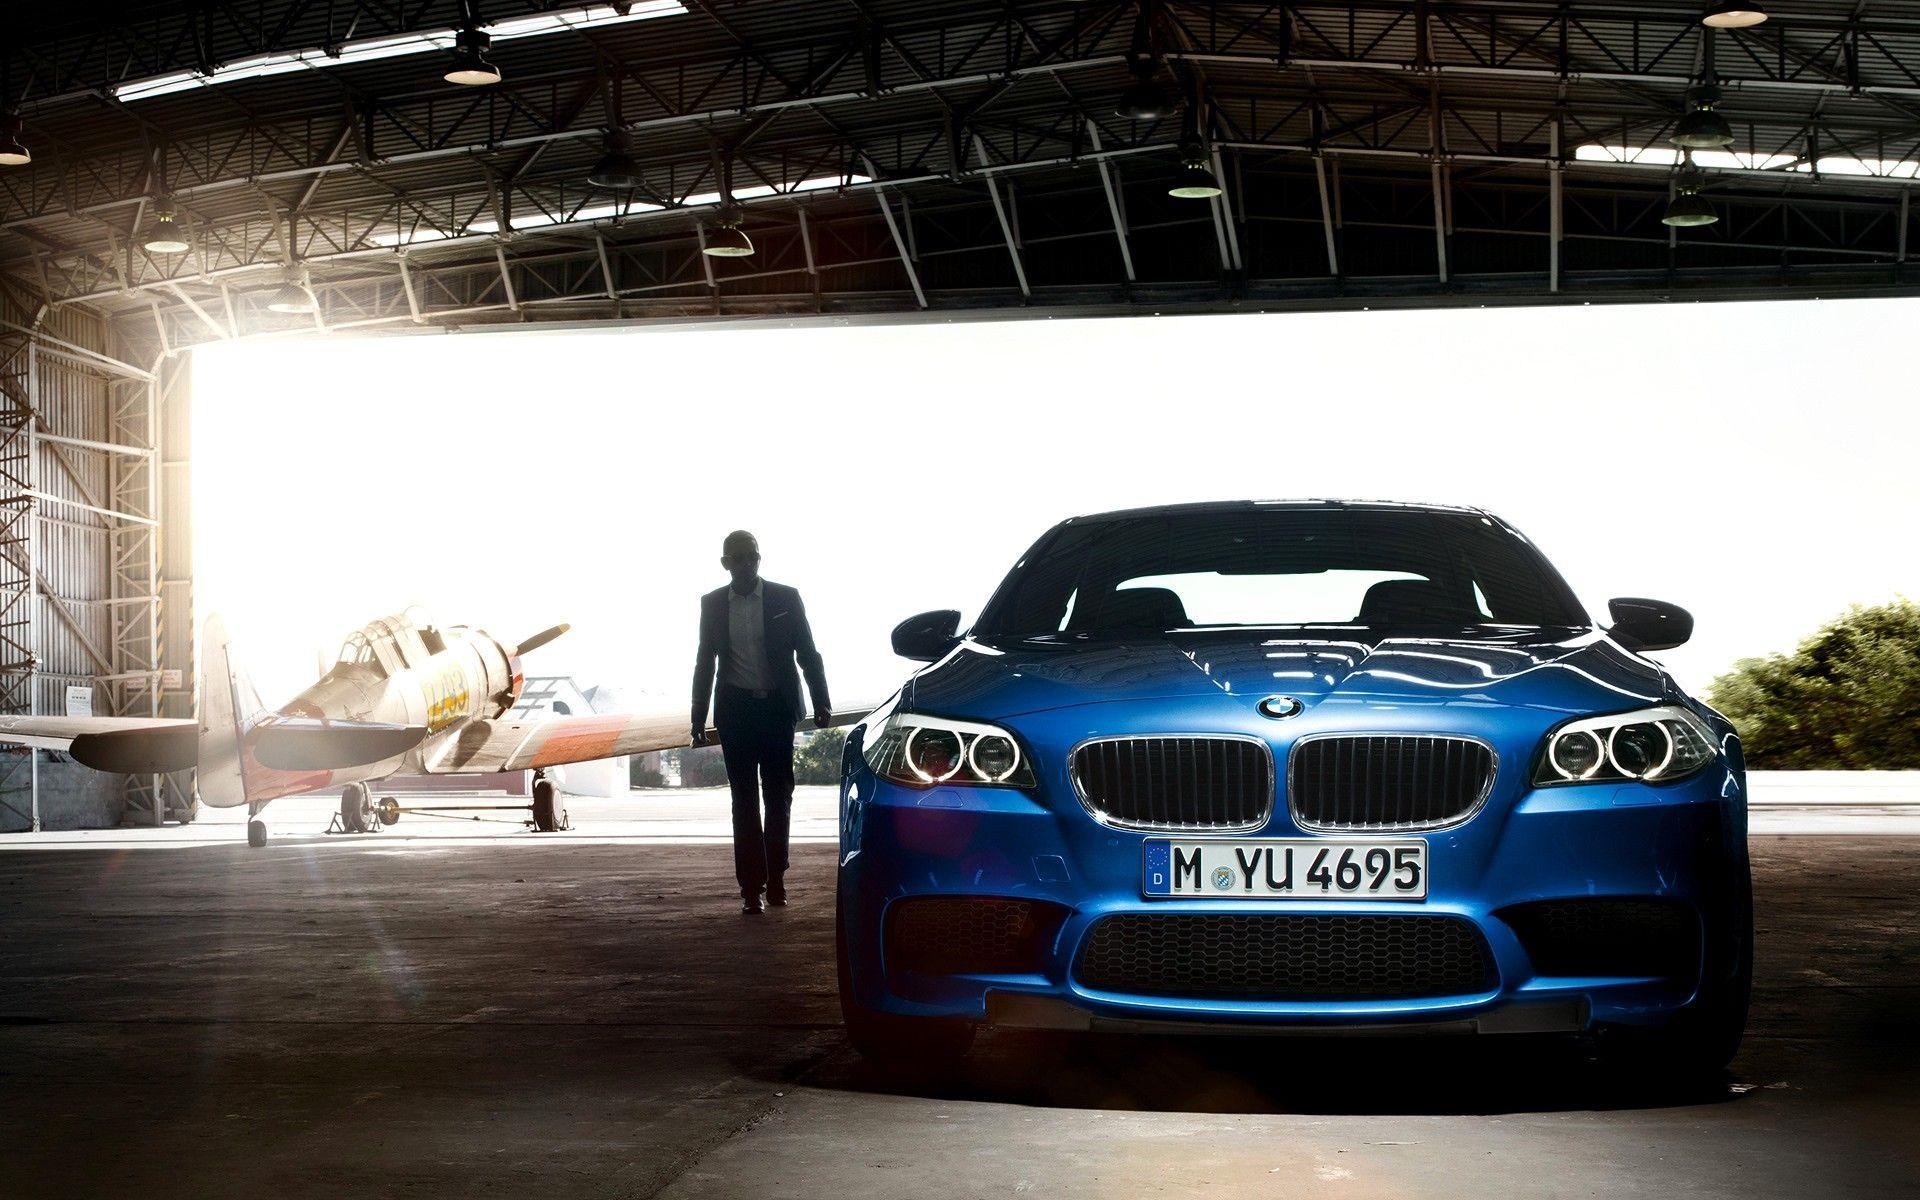 Business BMW